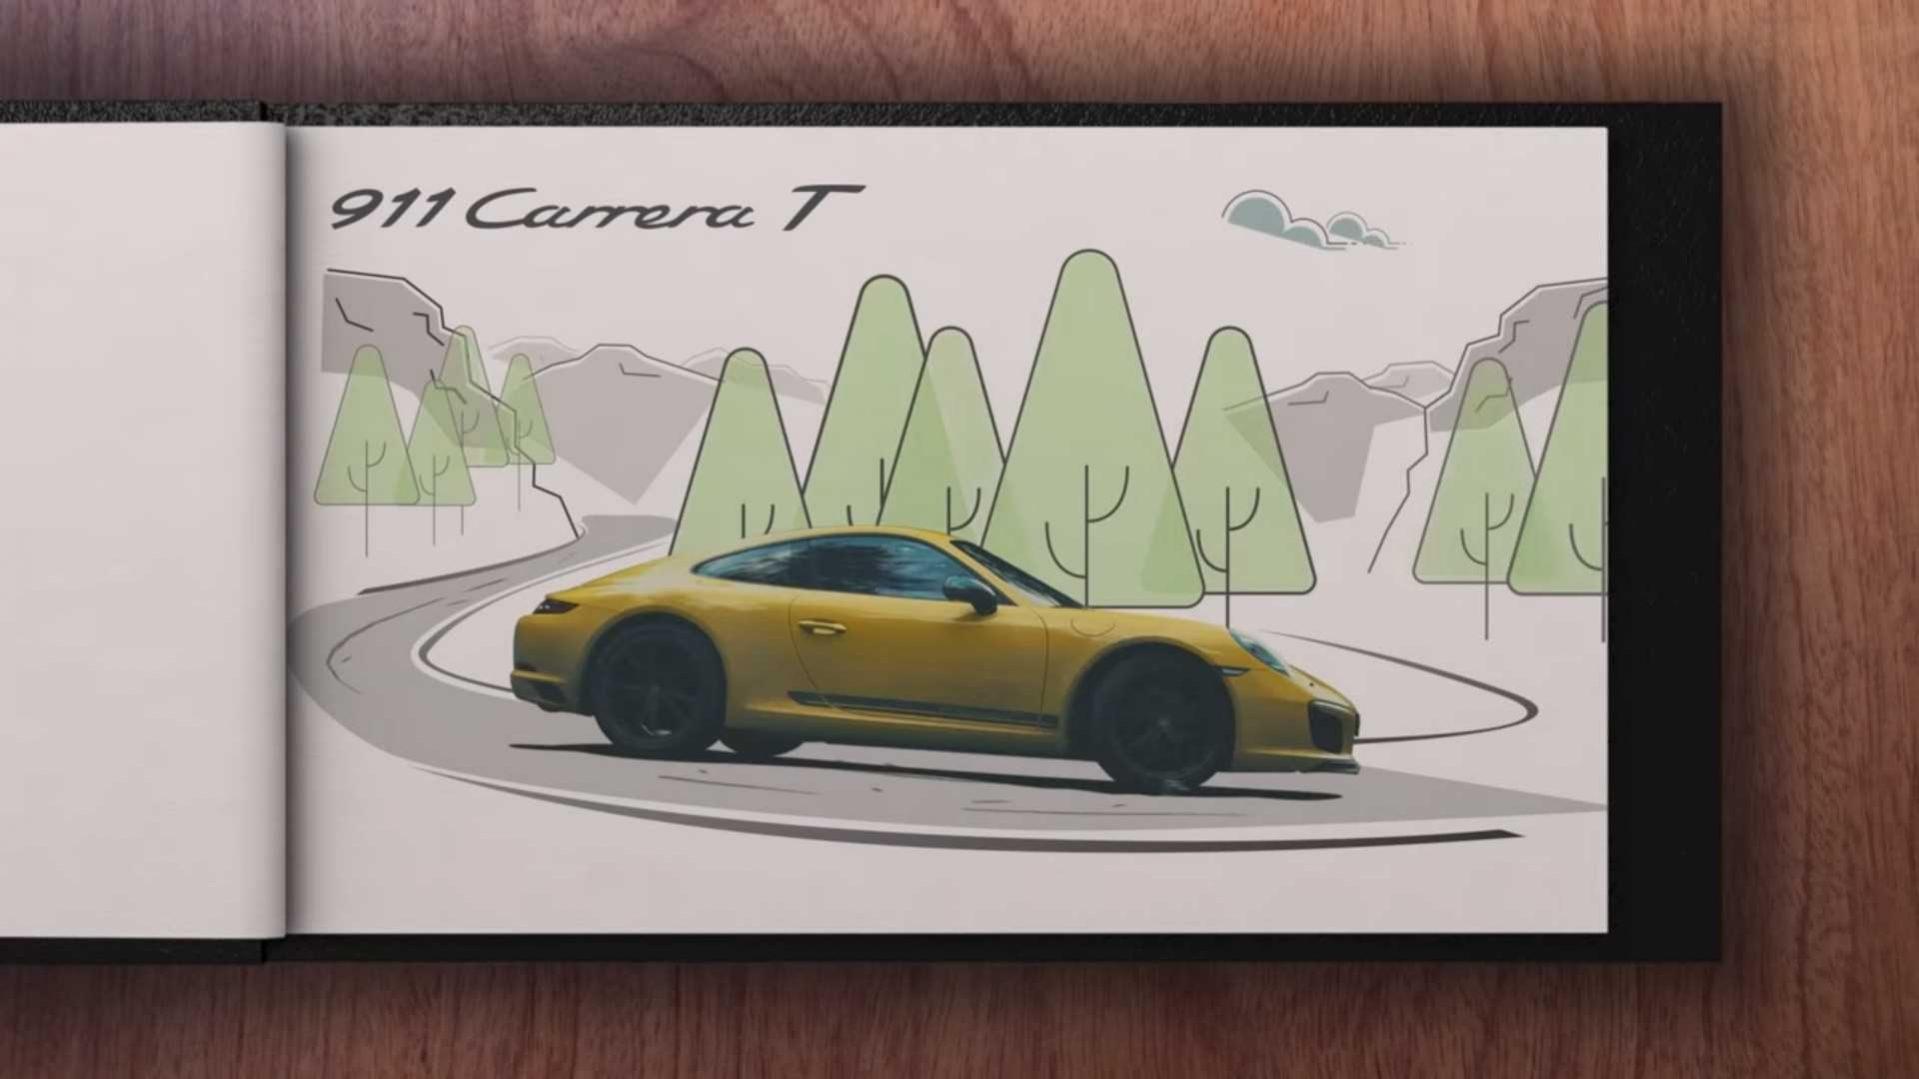 911 Carrera T For Sale